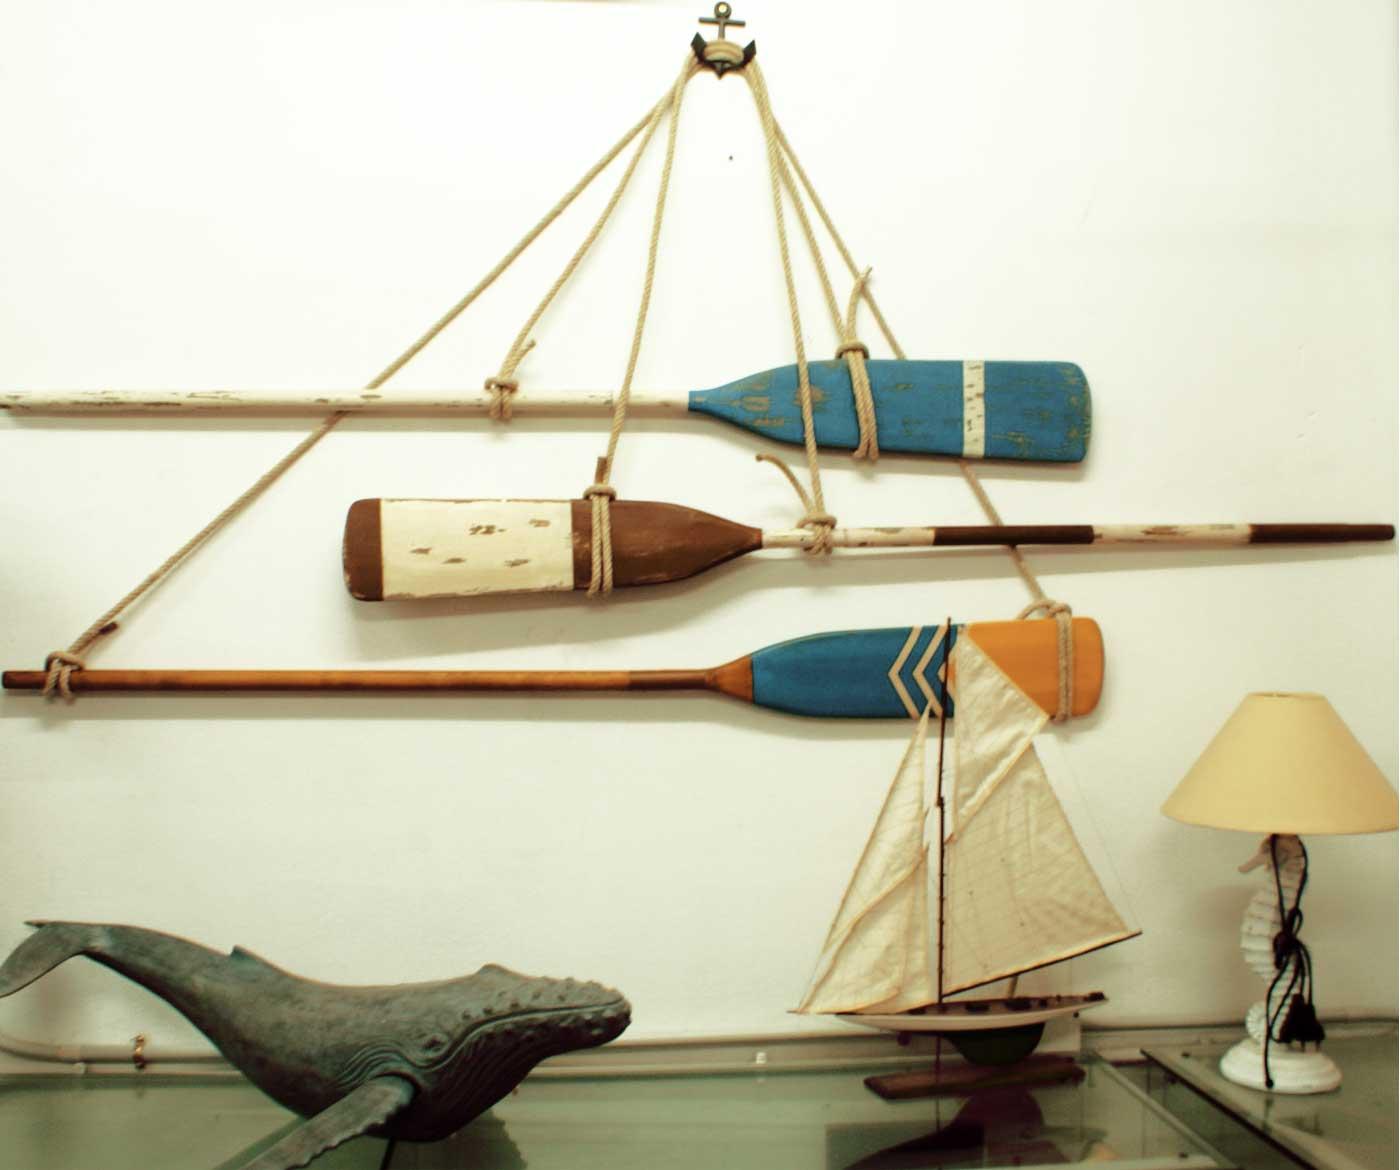 remo de madera decoracion marinera